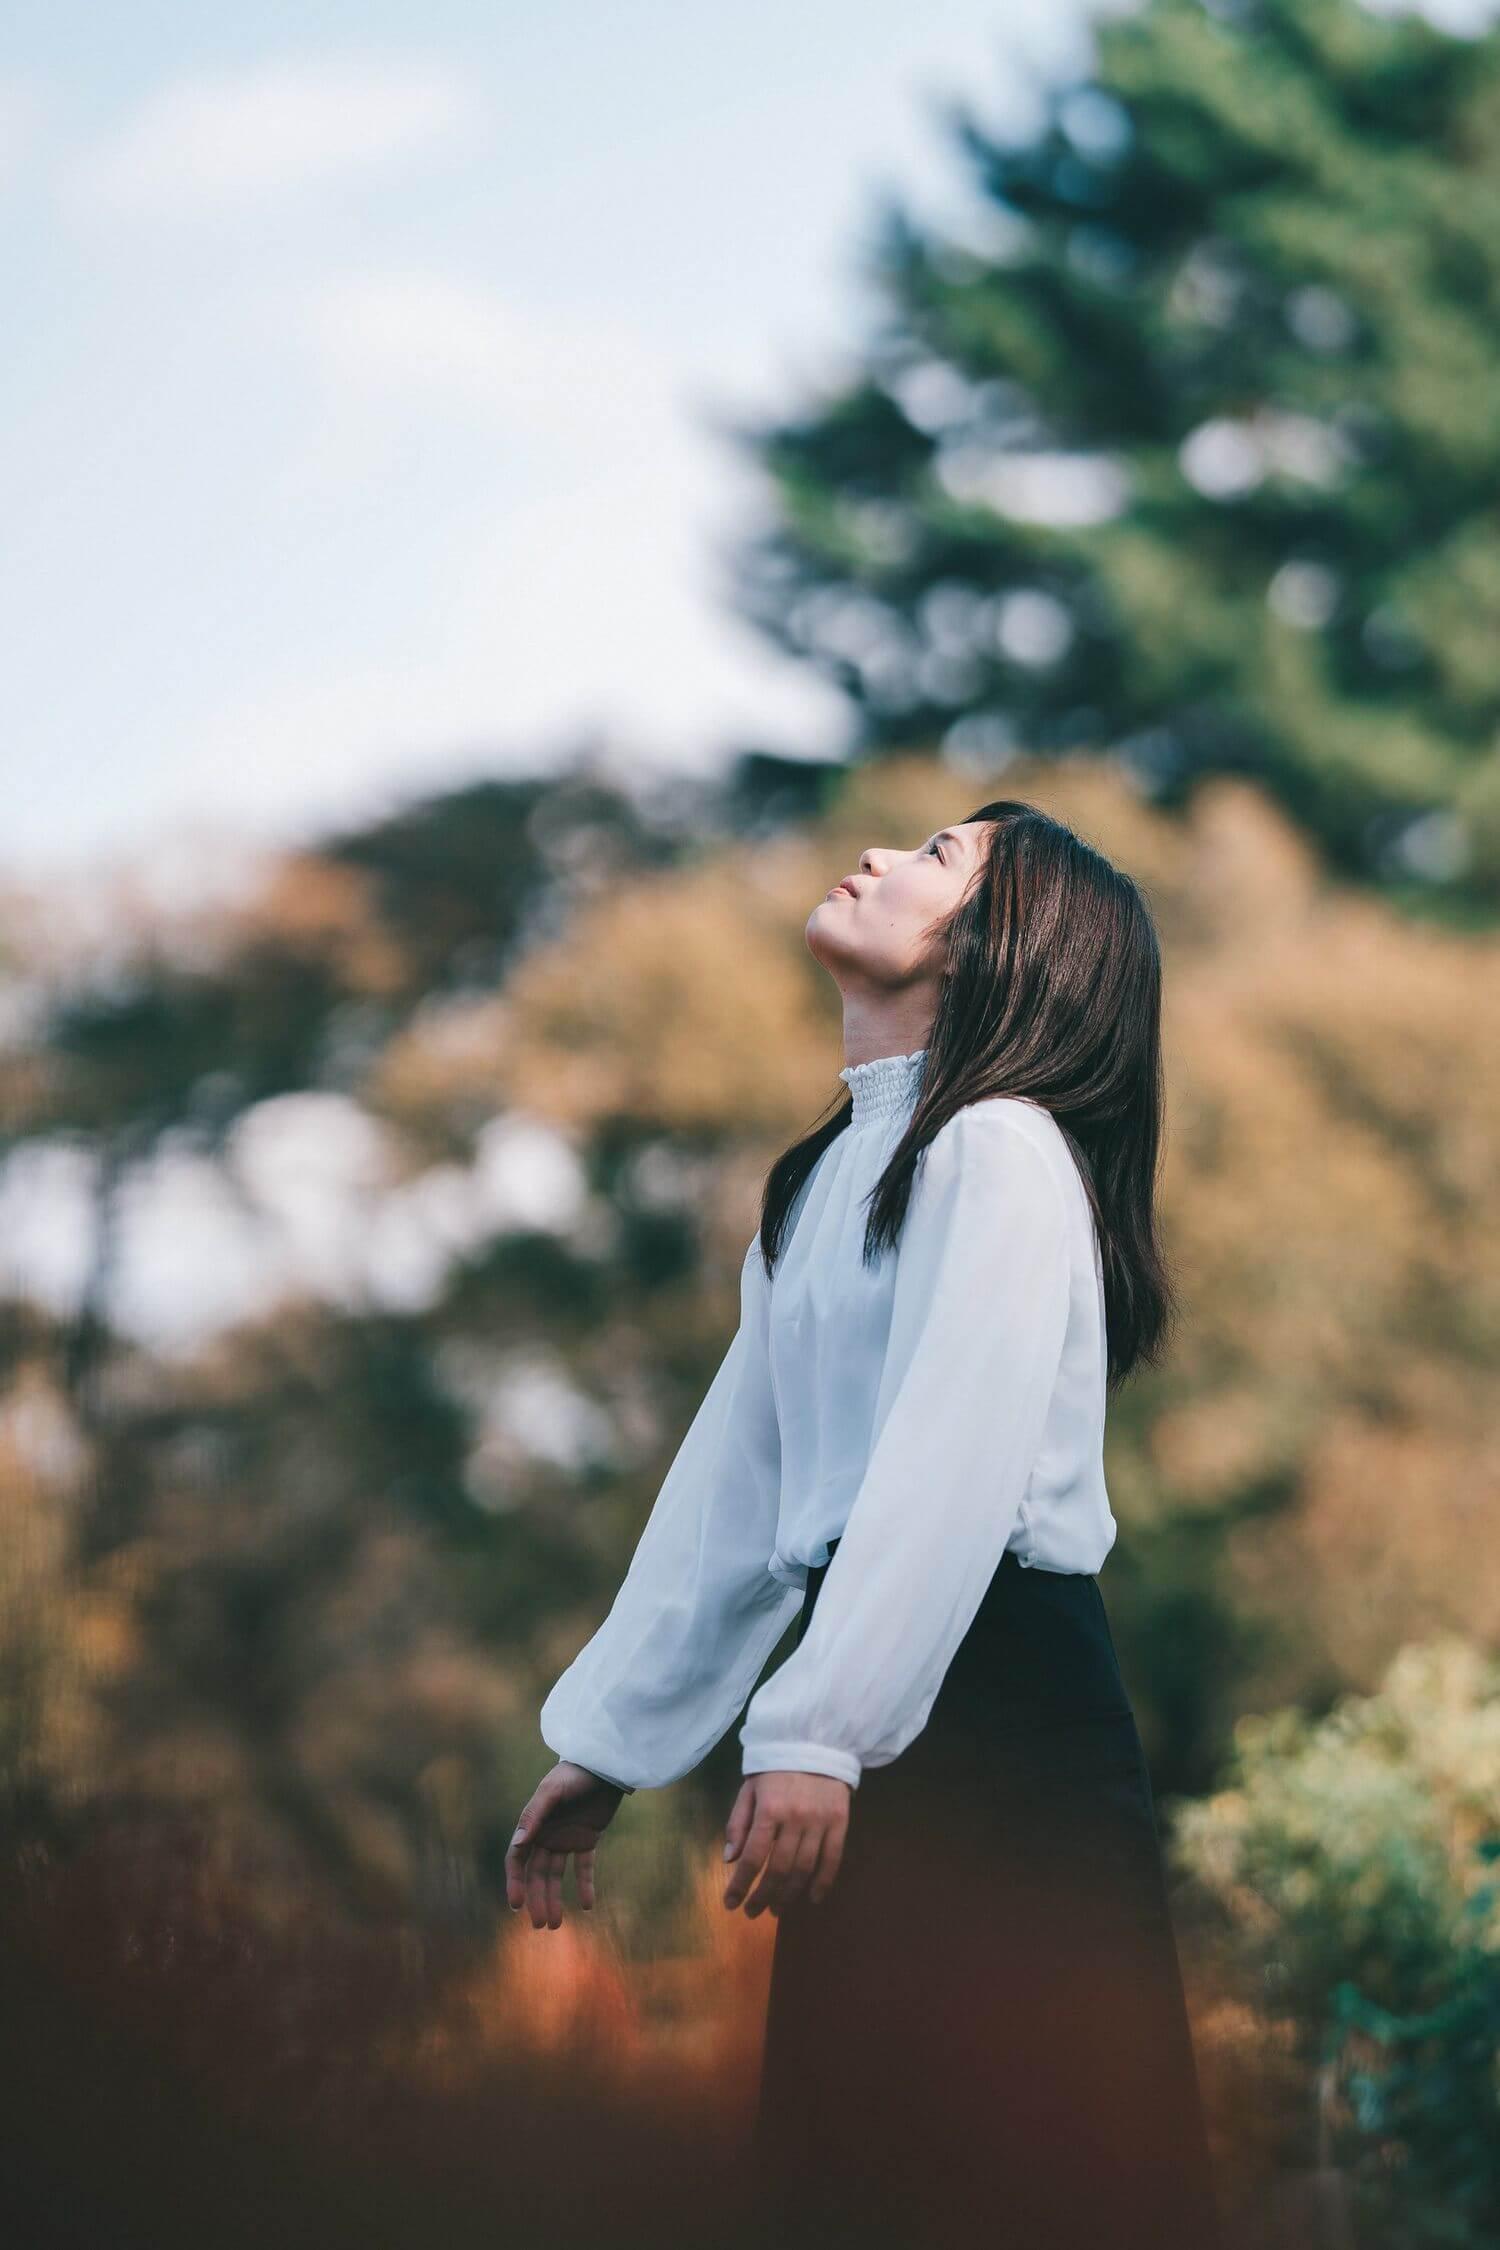 小金井公園で撮ったことさん